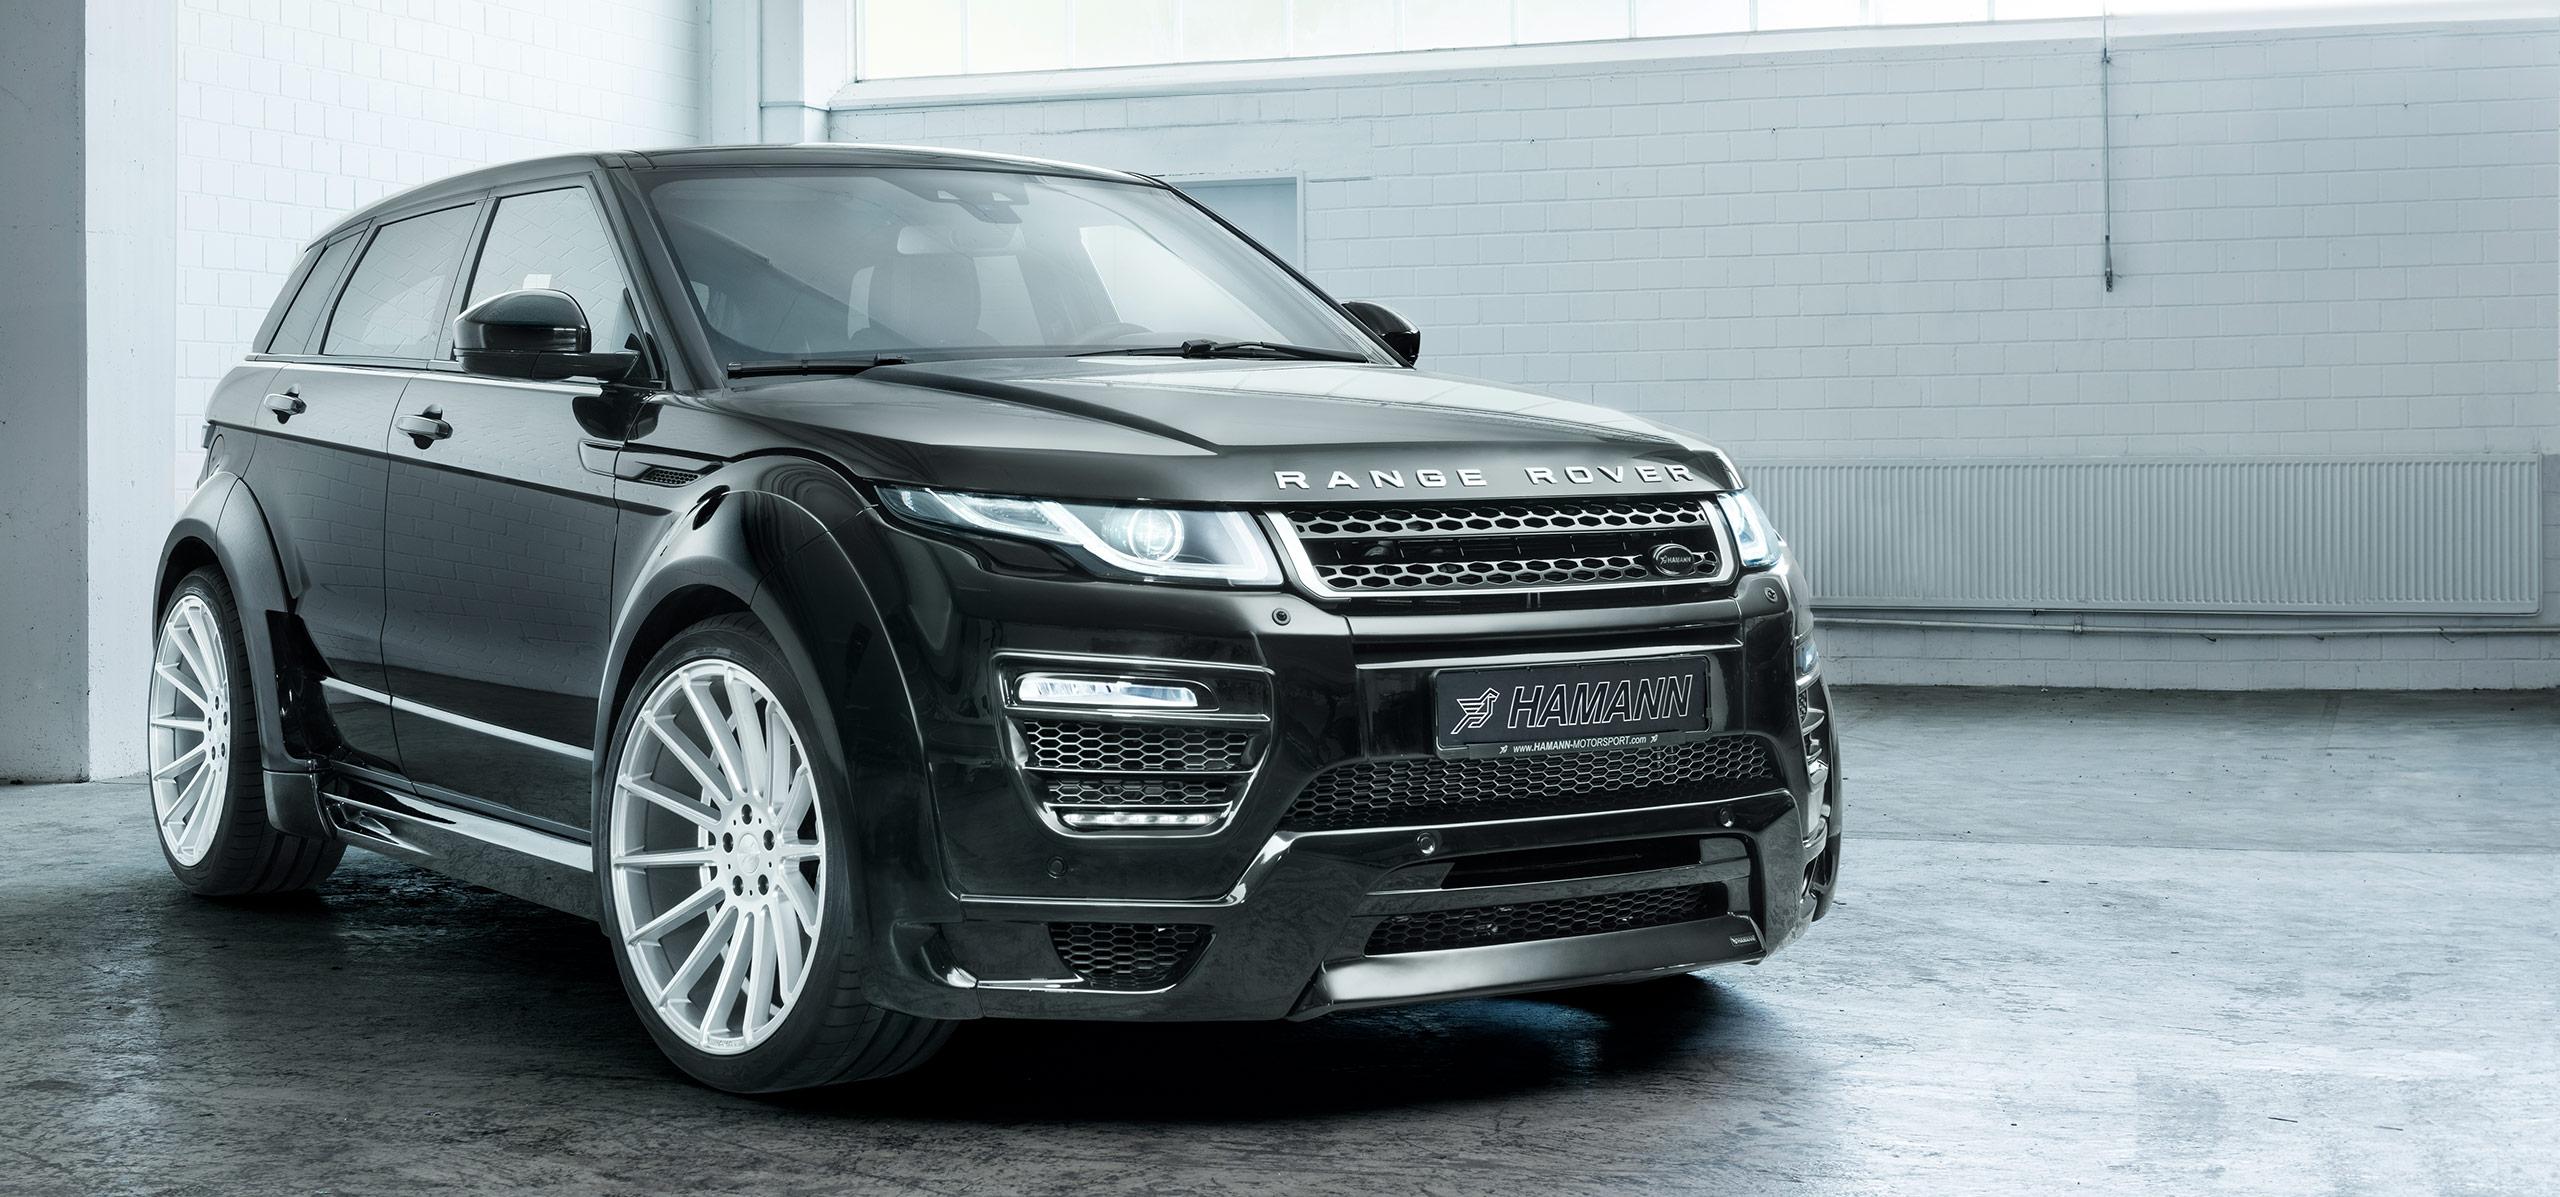 range rover evoque 5 door widebody hamann motorsport uk. Black Bedroom Furniture Sets. Home Design Ideas